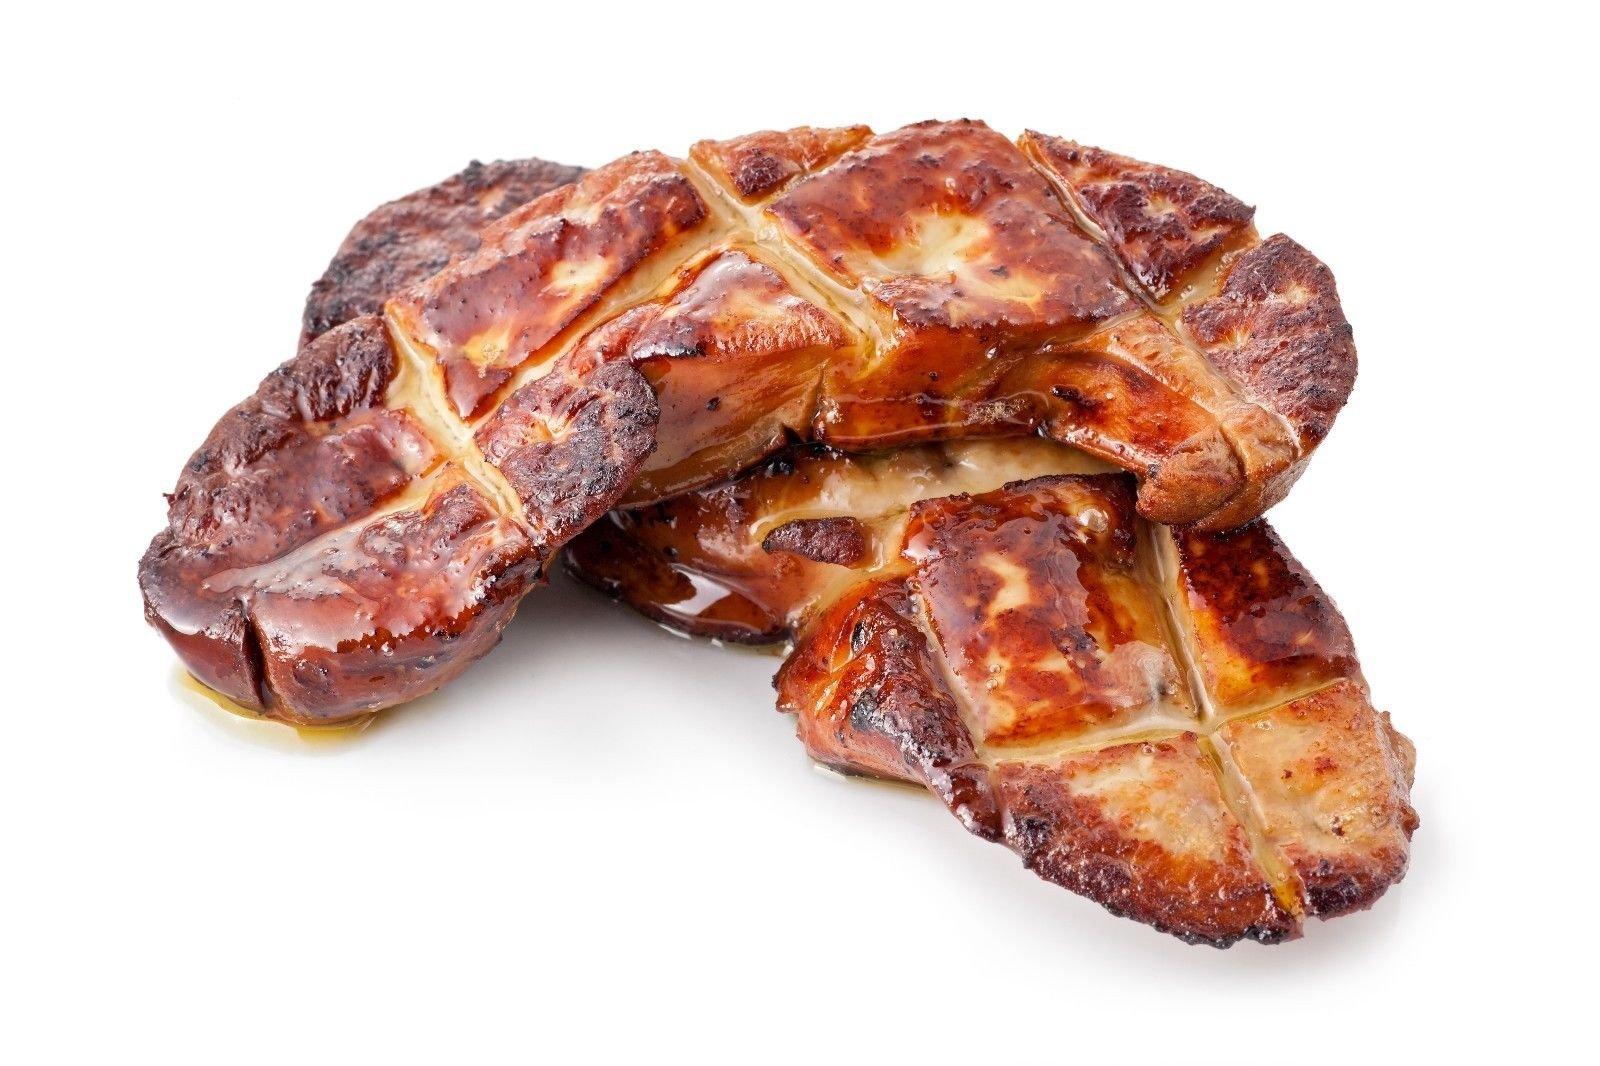 Hudson Valley Flash-Frozen Foie Gras Slices, Raw 16 2-oz Slices